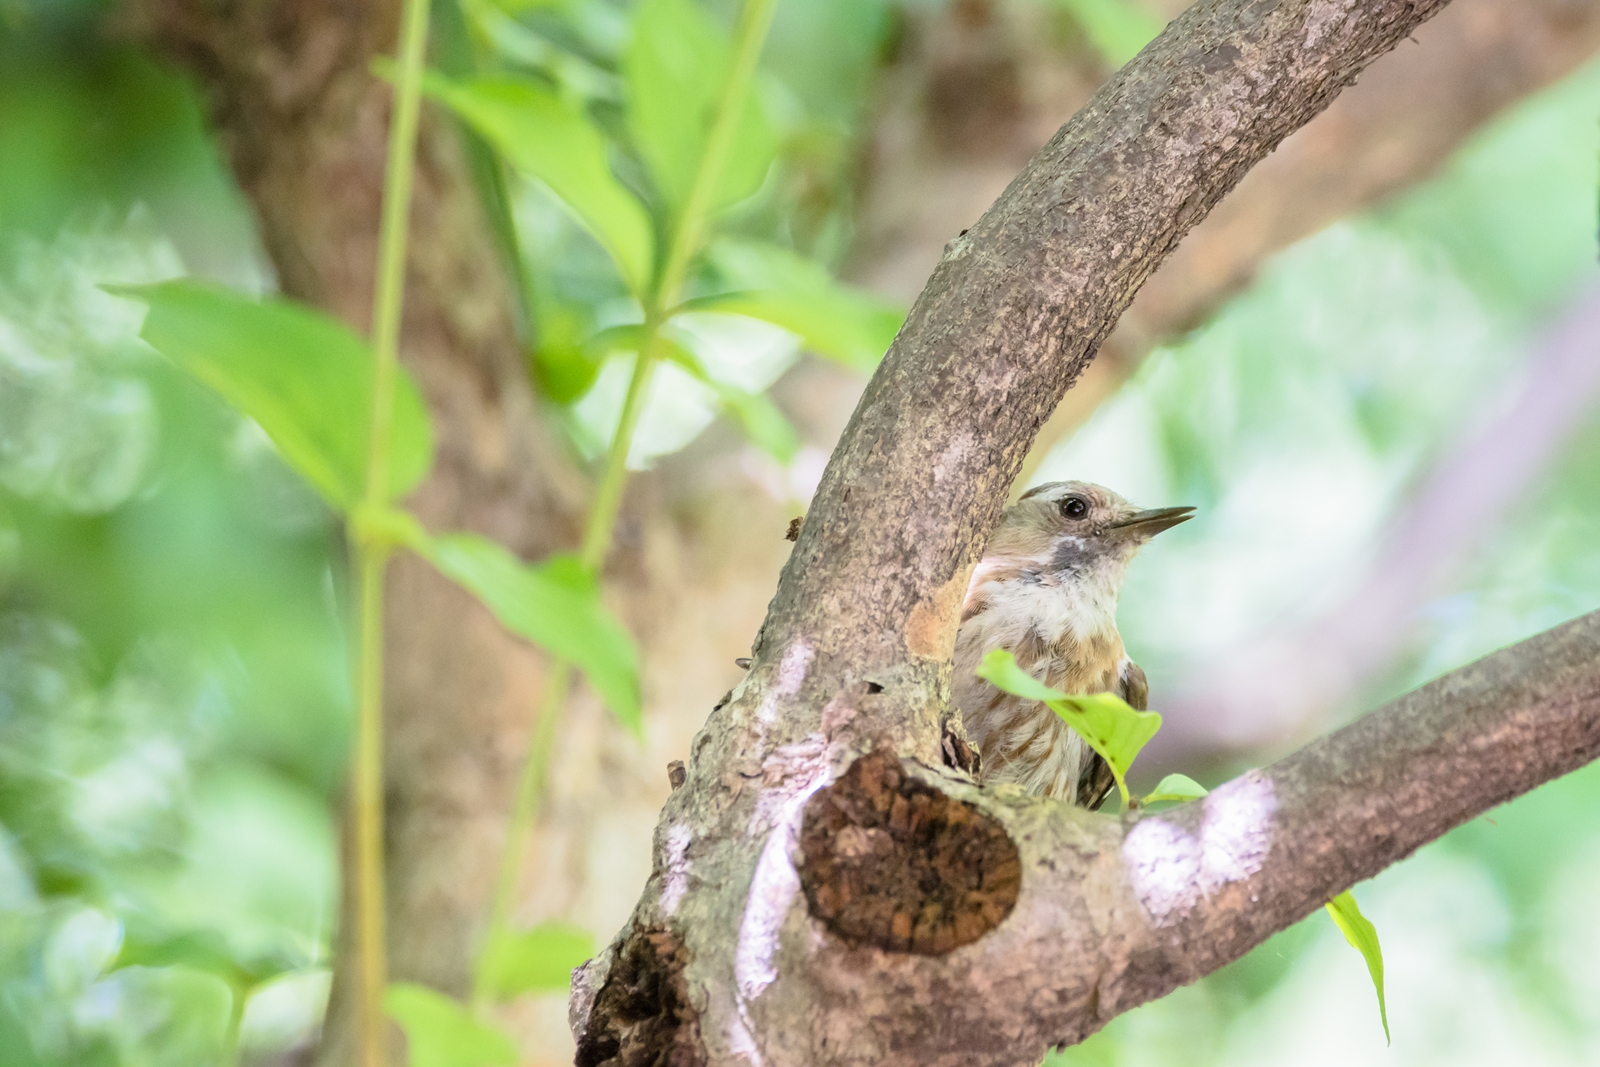 Photo: 「まーだだよ」 / Let's play hide-and-seek.  夏の森は隠れる場所がいっぱい あっちでもこっちでも かくれんぼに夢中 もういいかい まーだだよ  Japanese Pygmy Woodpecker. (コゲラ)  Nikon D500 SIGMA 150-600mm F5-6.3 DG OS HSM Contemporary  #birdphotography #birds #kawaii #ことり #小鳥 #nikon #sigma  ( http://takafumiooshio.com/archives/2745 )